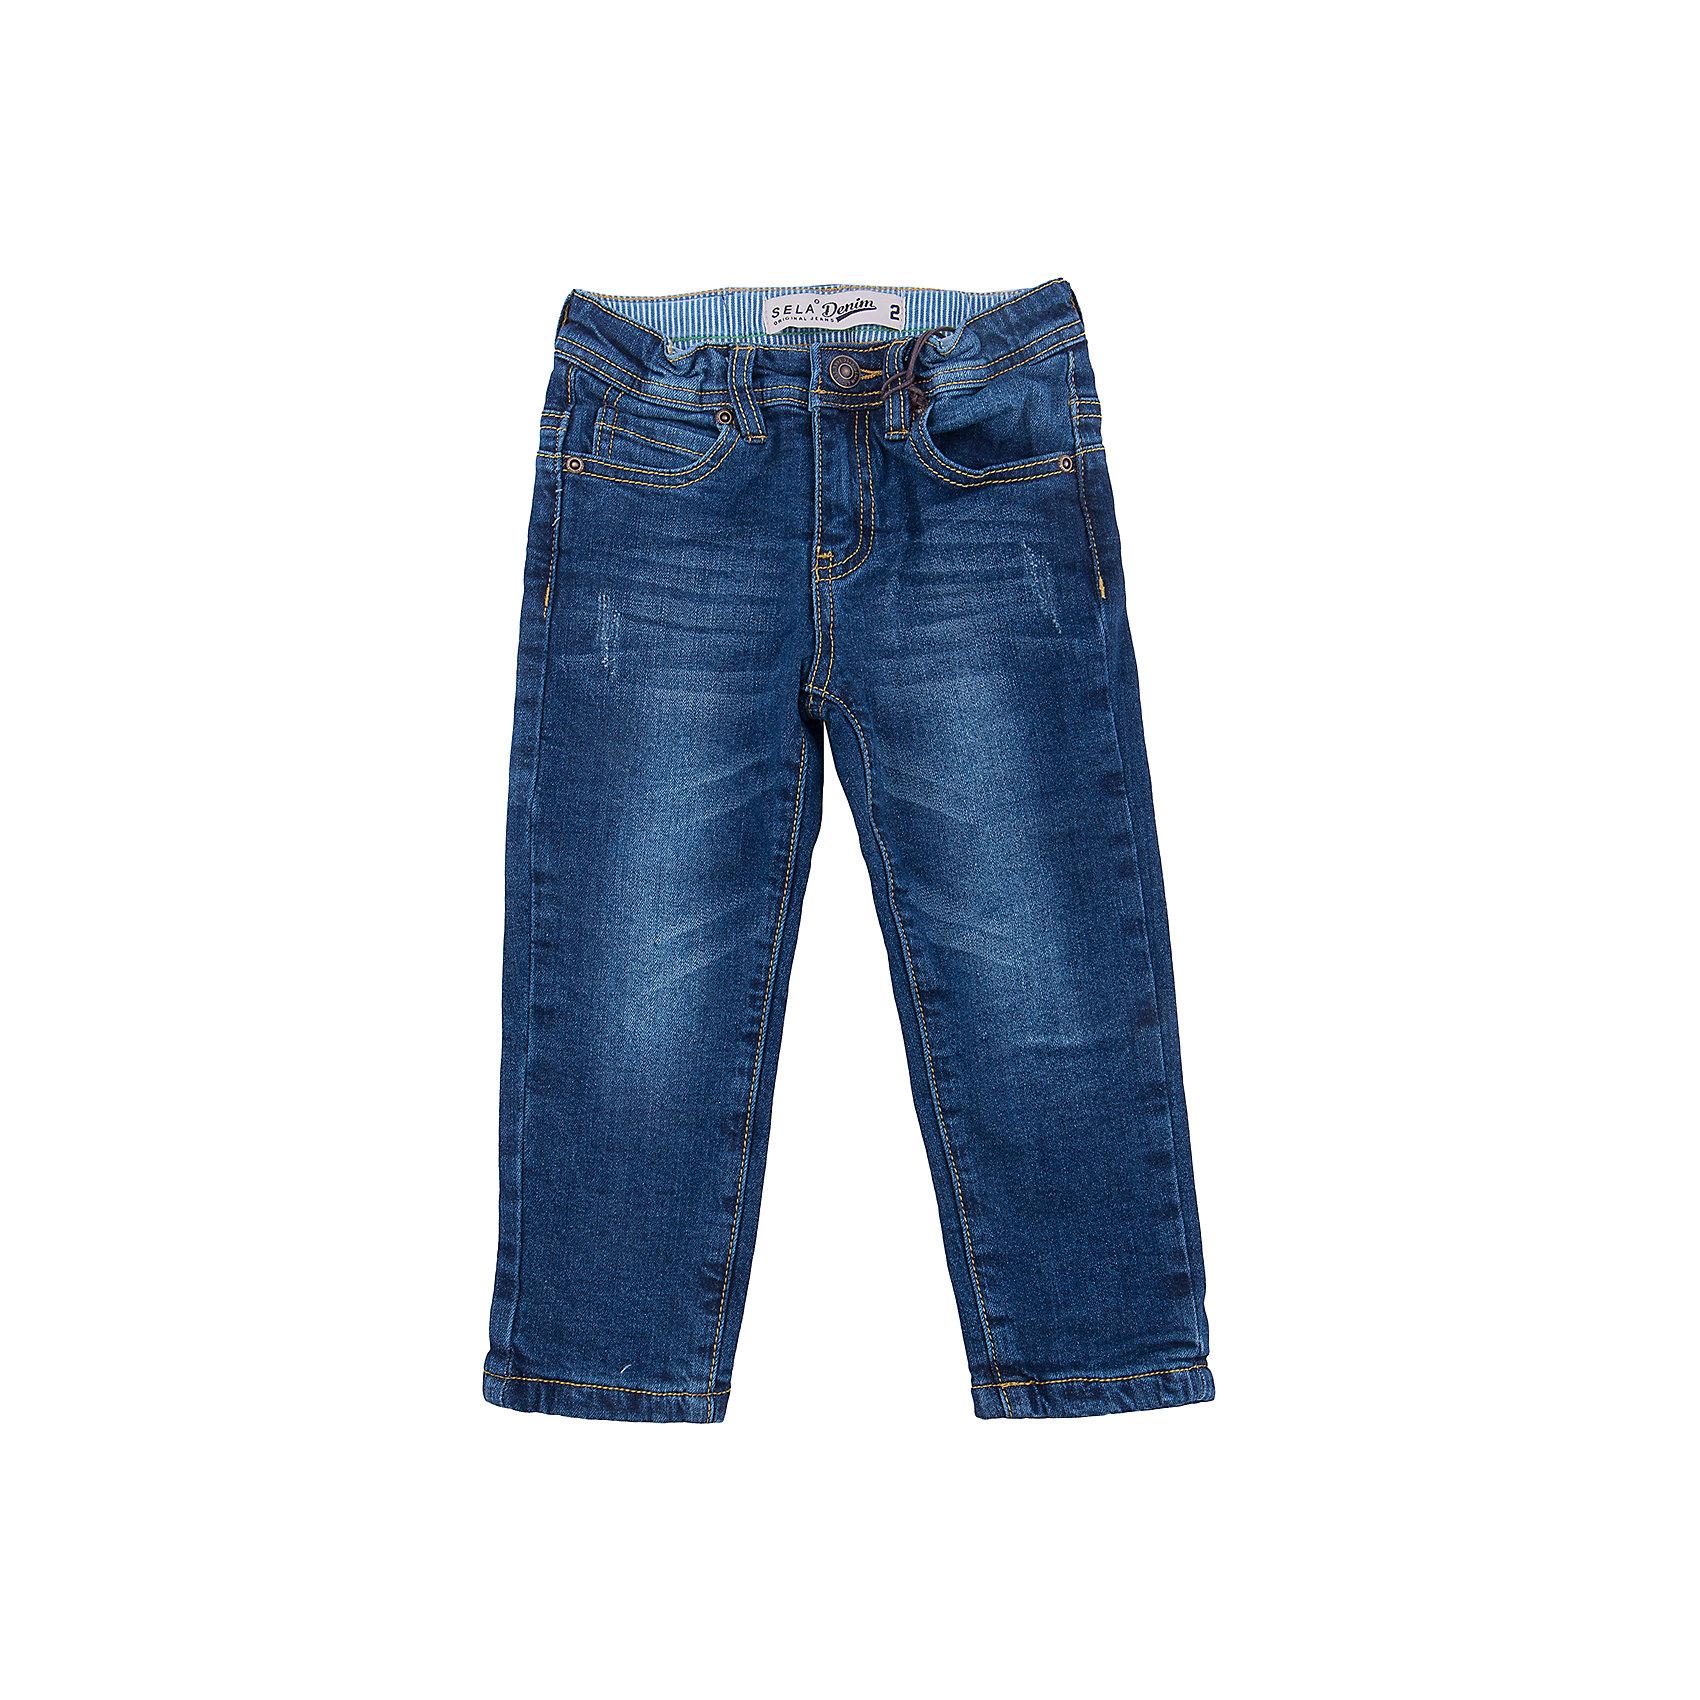 Джинсы для мальчика SELAДжинсовая одежда<br>Джинсы для мальчика от известного бренда SELA<br>Состав:<br>98% хлопок, 2% эластан<br><br>Ширина мм: 215<br>Глубина мм: 88<br>Высота мм: 191<br>Вес г: 336<br>Цвет: синий джинс<br>Возраст от месяцев: 60<br>Возраст до месяцев: 72<br>Пол: Мужской<br>Возраст: Детский<br>Размер: 116,92,98,104,110<br>SKU: 5302154